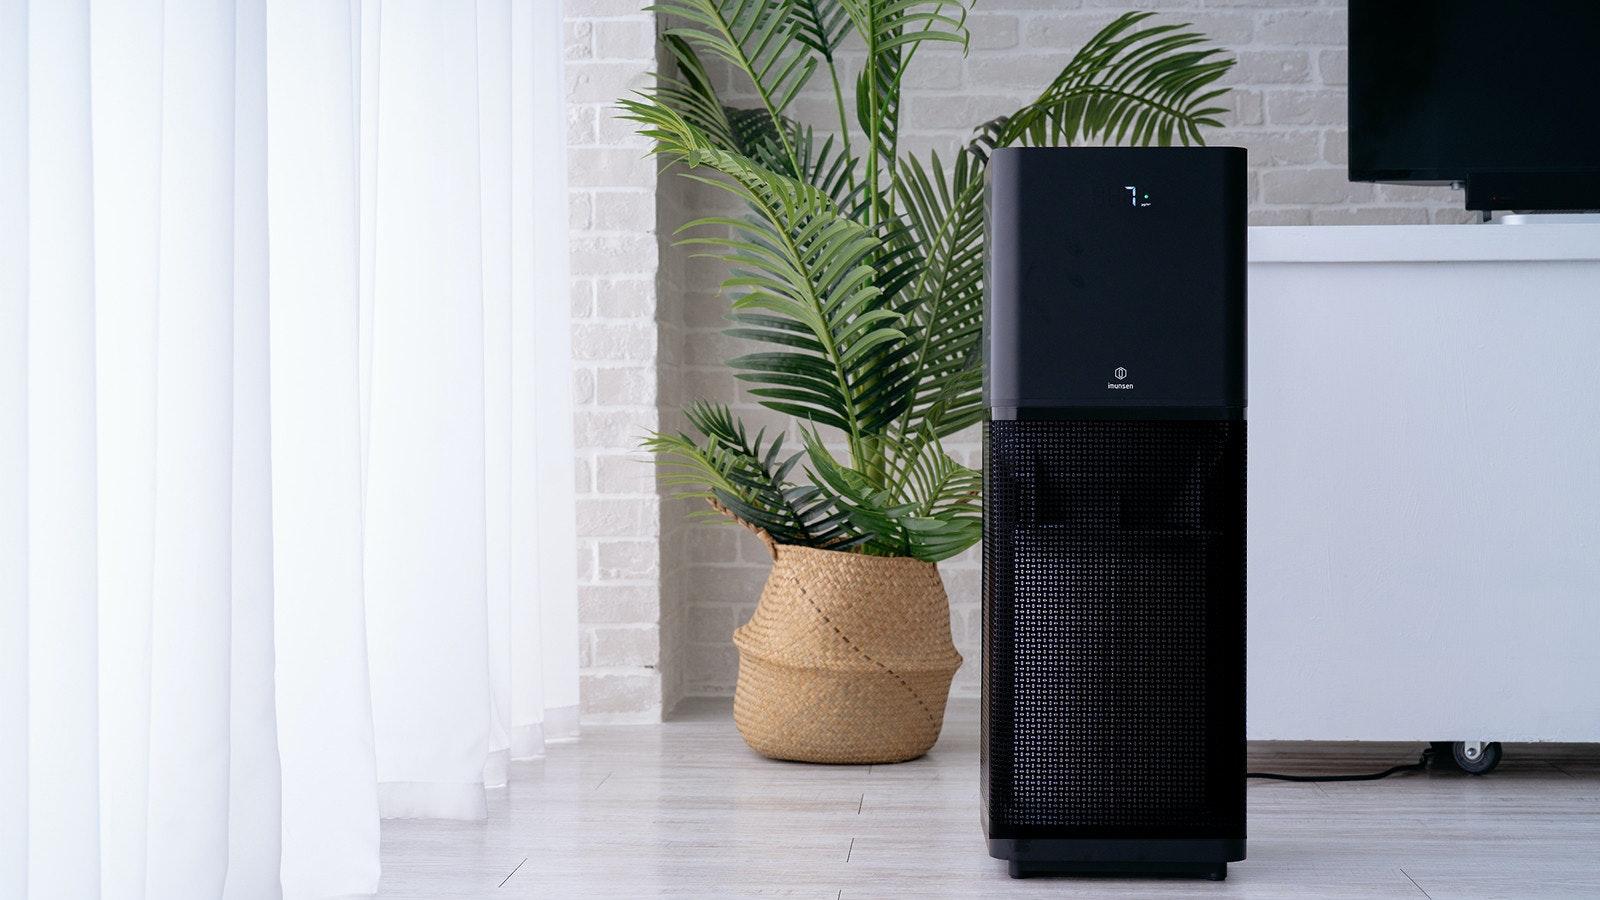 照片中包含了花盆、家用電器、產品設計、飛碟乾草花盆、家具類